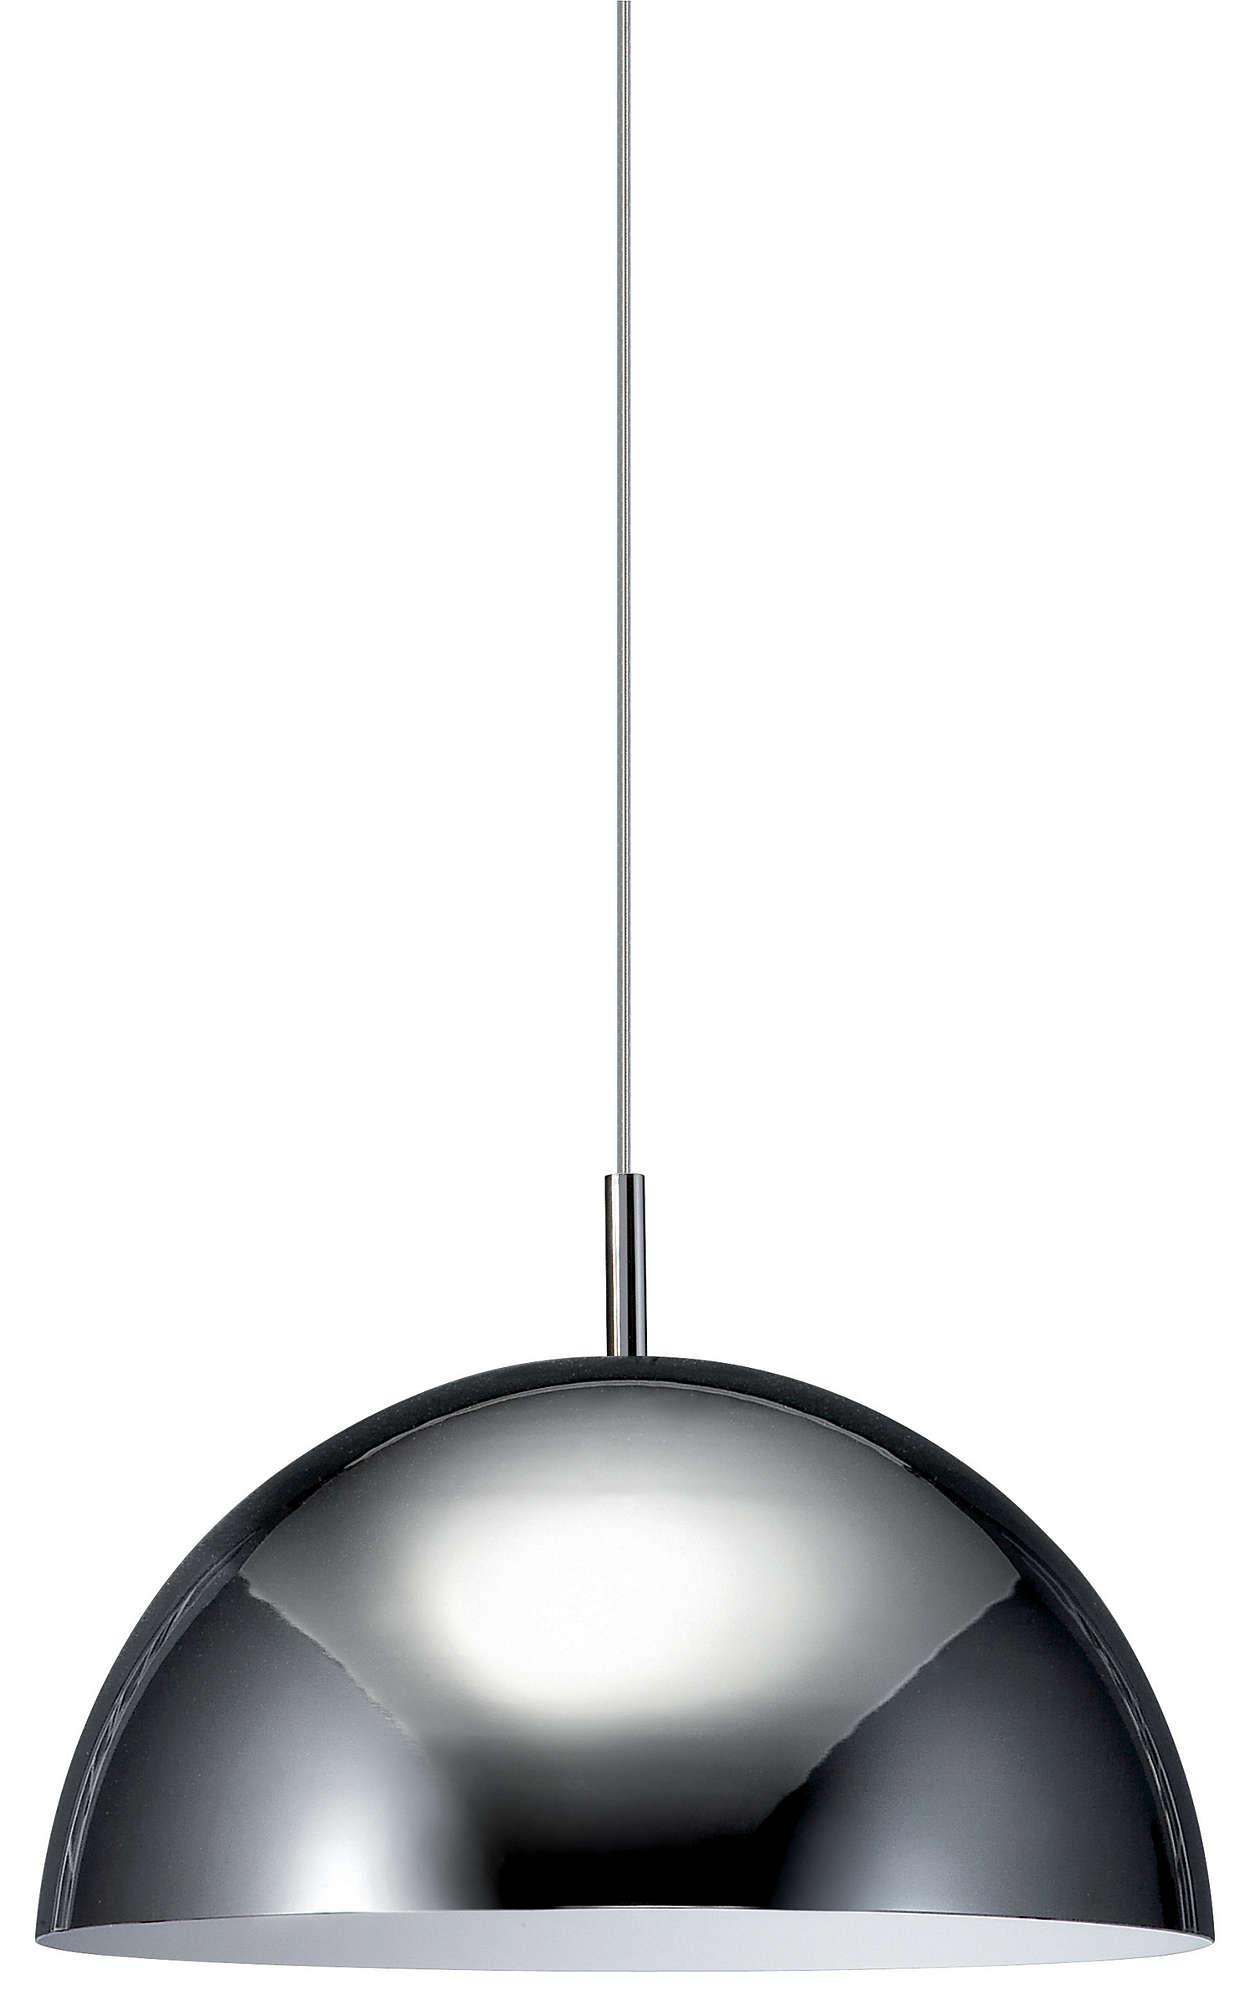 Suspensión de cúpula de una luz con acabado cromado